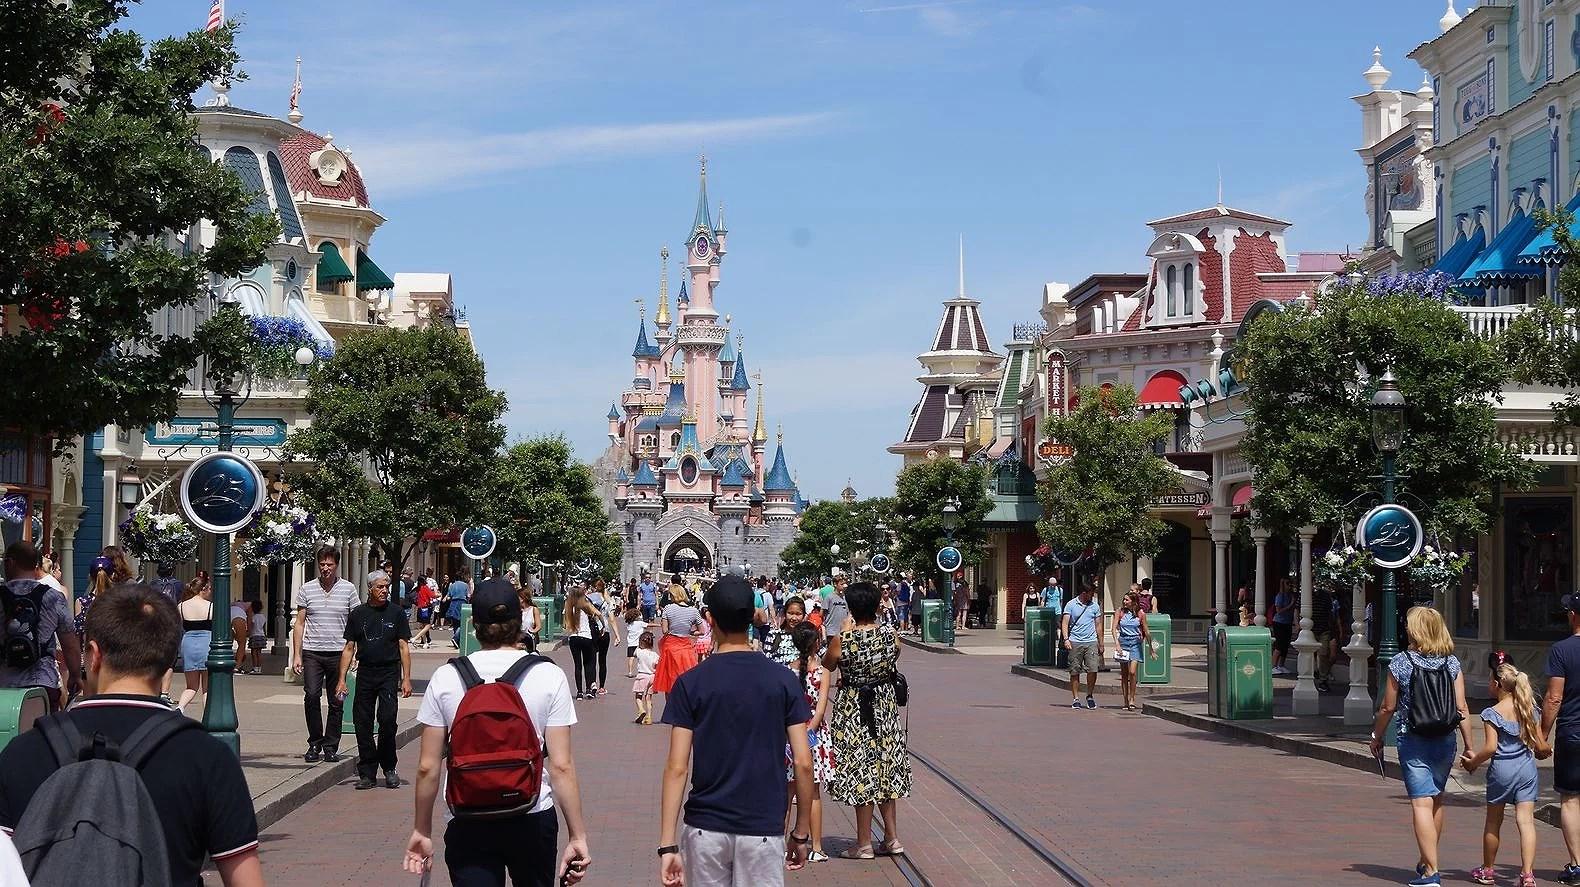 Kan man ta med sin ryggsäck på attraktioner på Disneyland Paris?